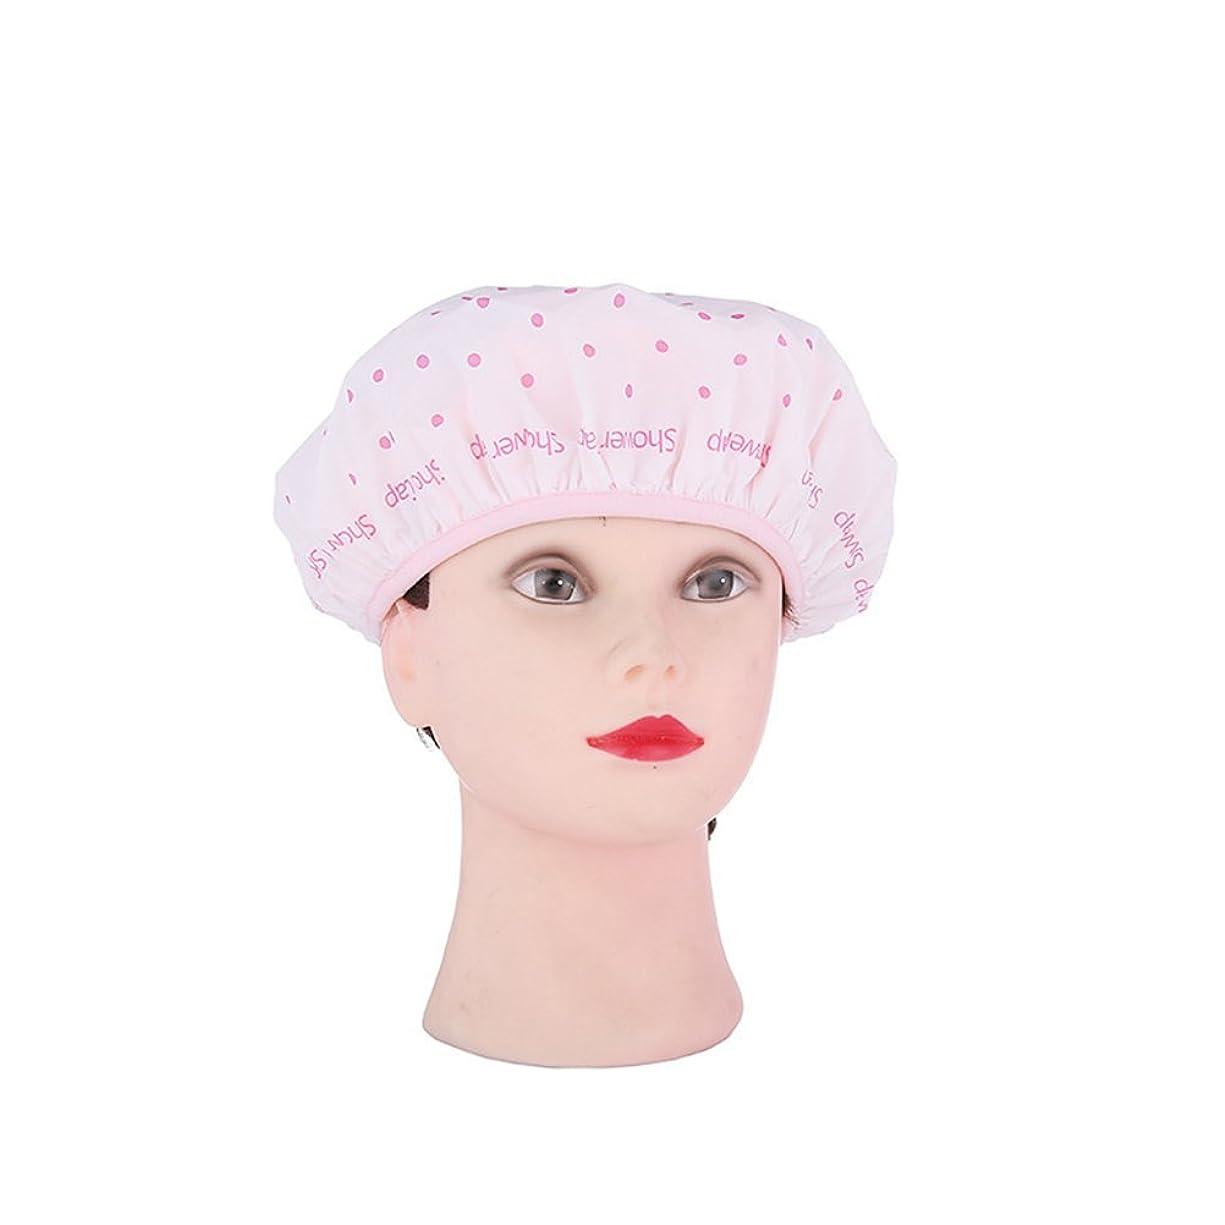 制限されたバット後方にHEALLILY シャワーの帽子女性の子供のための防水シャワーの帽子のBathのシャワーの毛の帽子